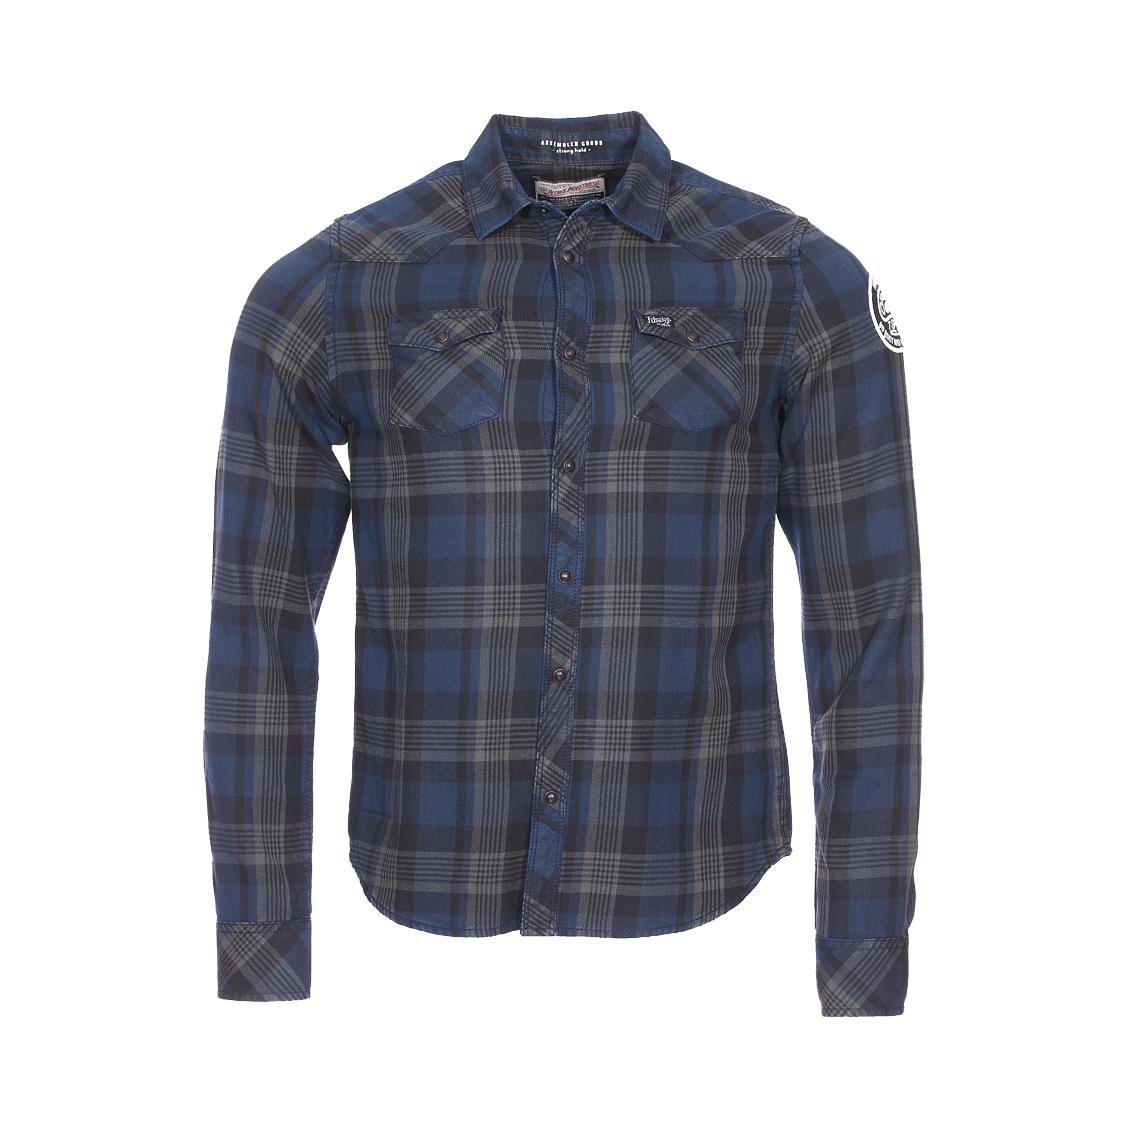 Chemise  en coton à carreaux bleu marine, marron clair et noires